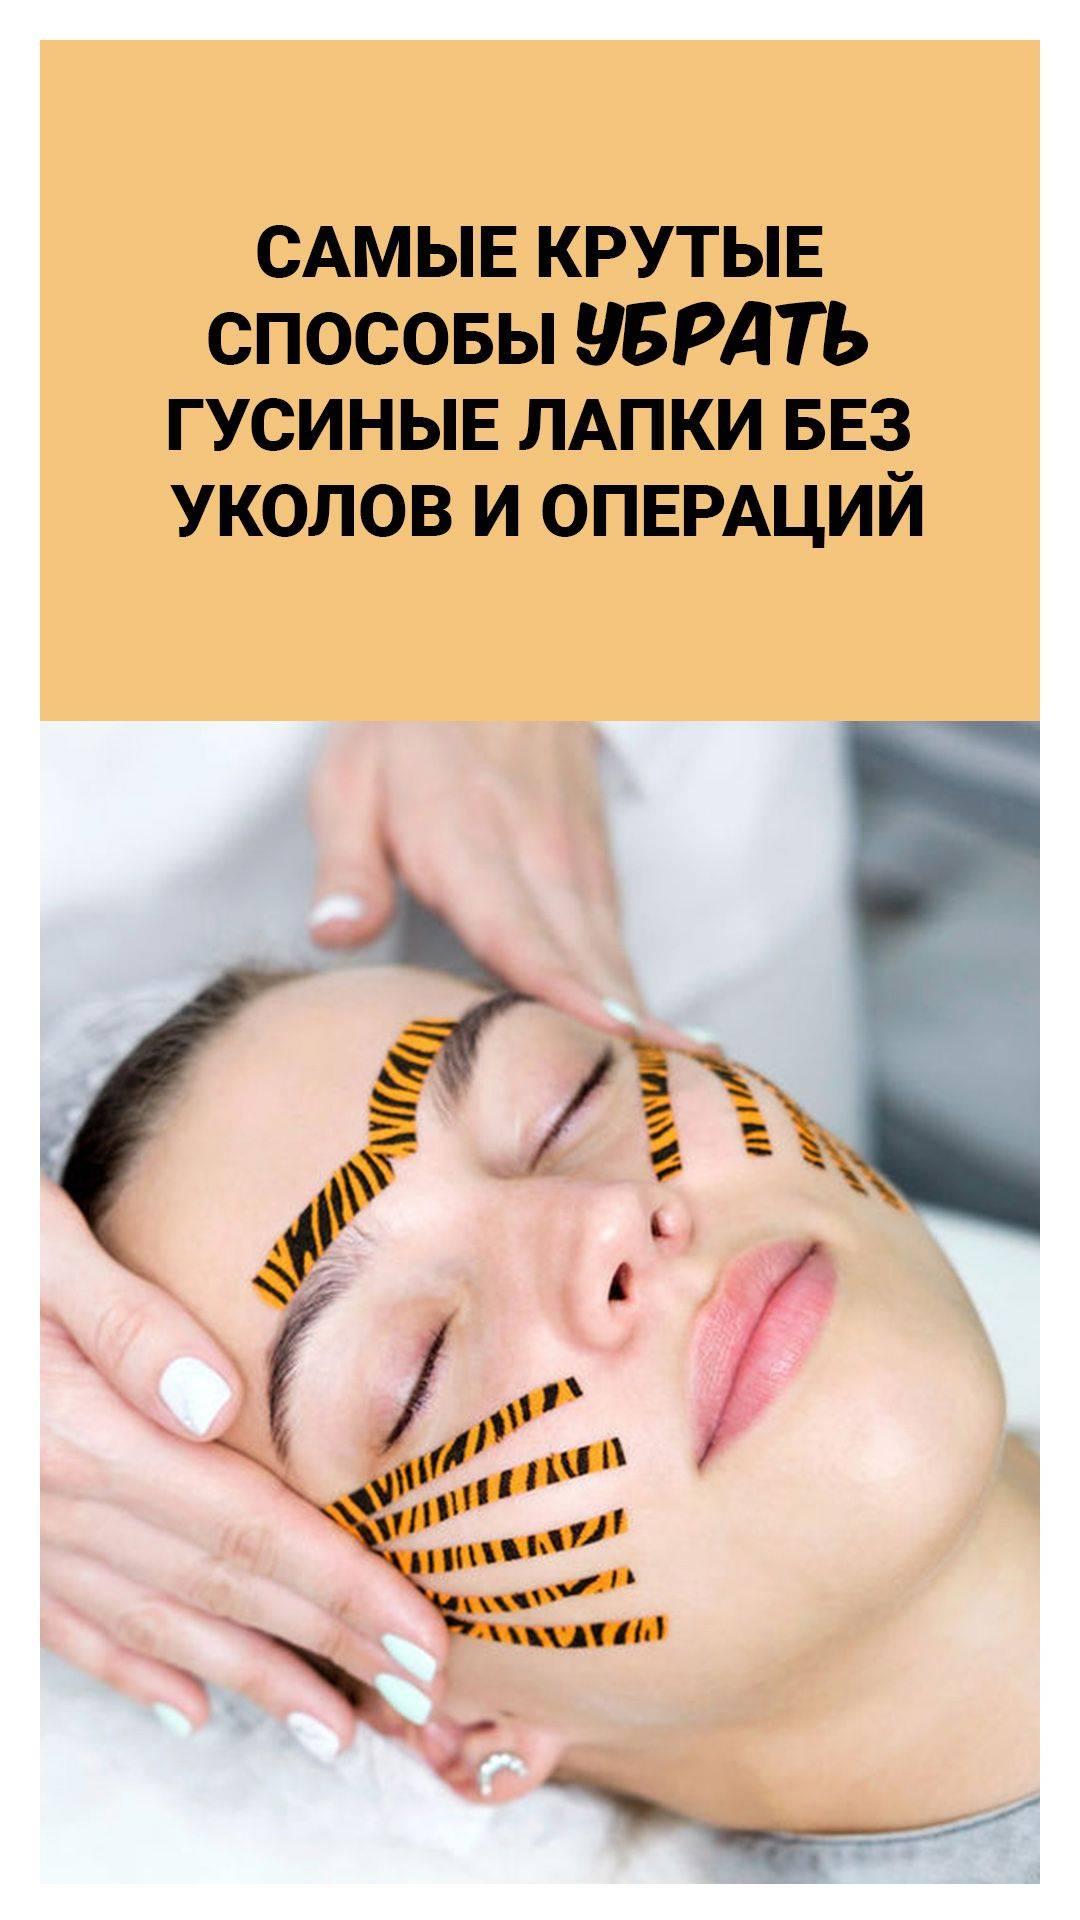 Как избавиться от гусиных лапок вокруг глаз?